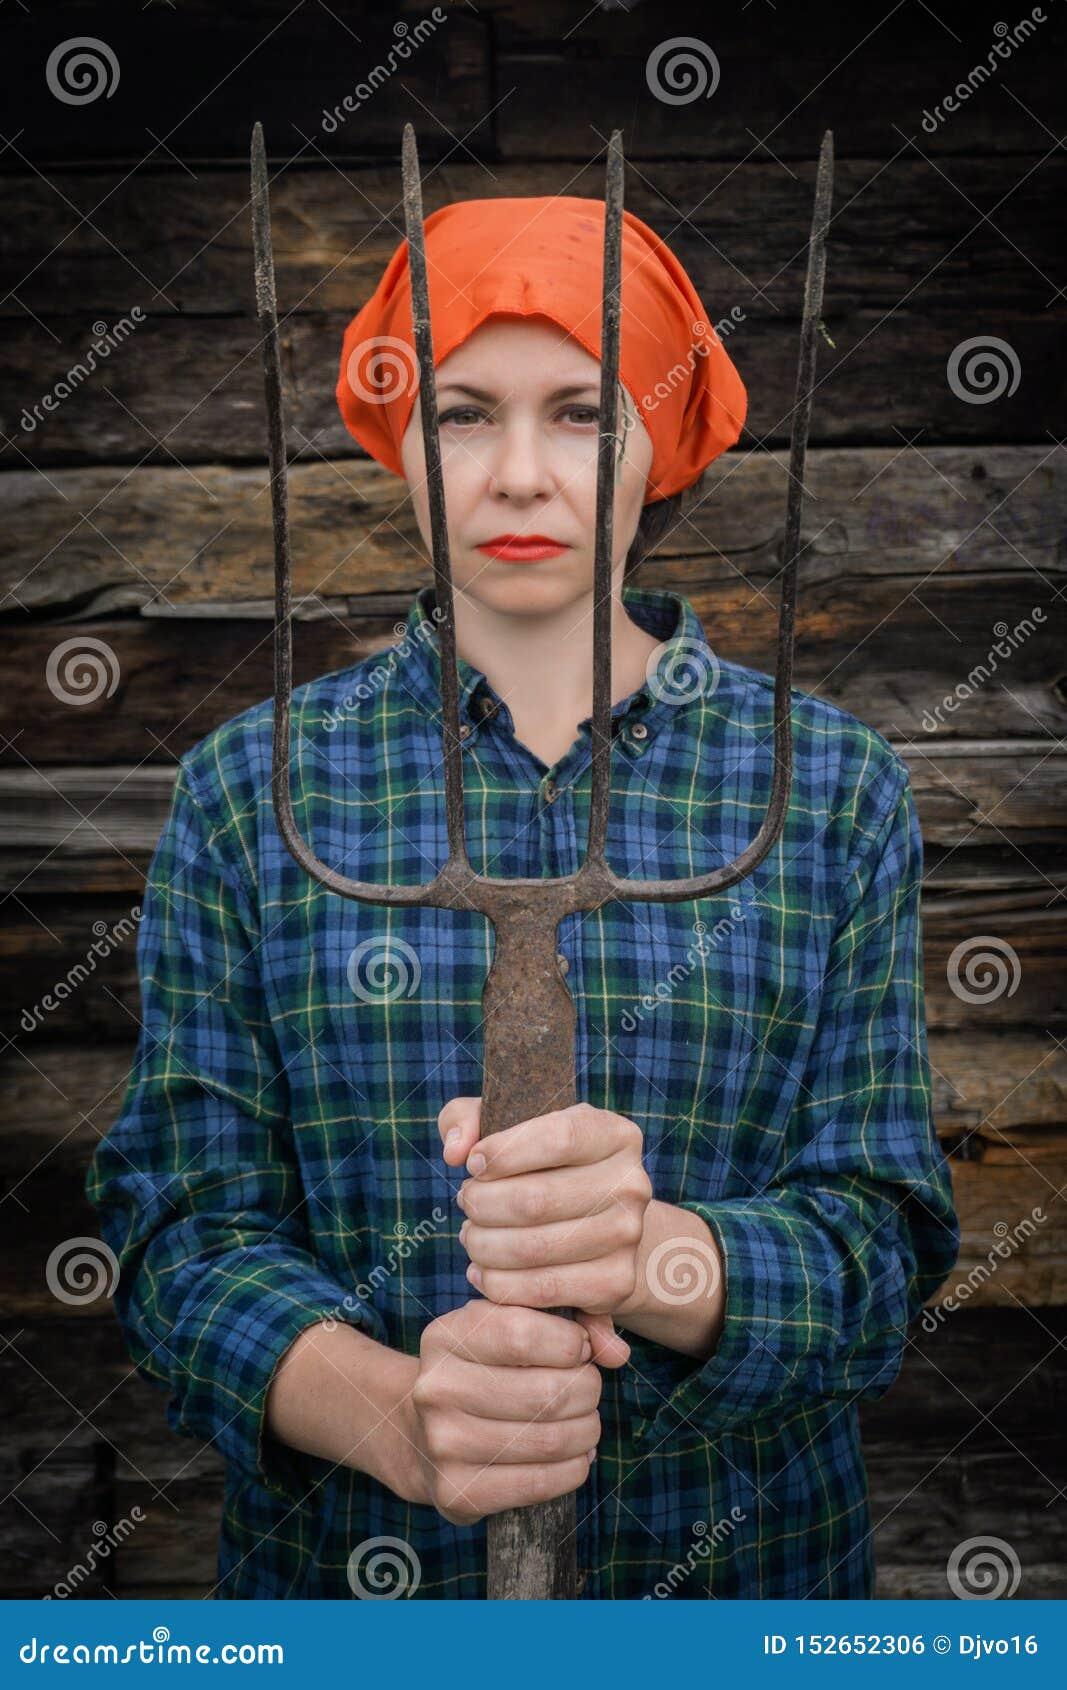 Junge Frau steht mit einer Heugabel nahe einem Stall auf einer Ranch